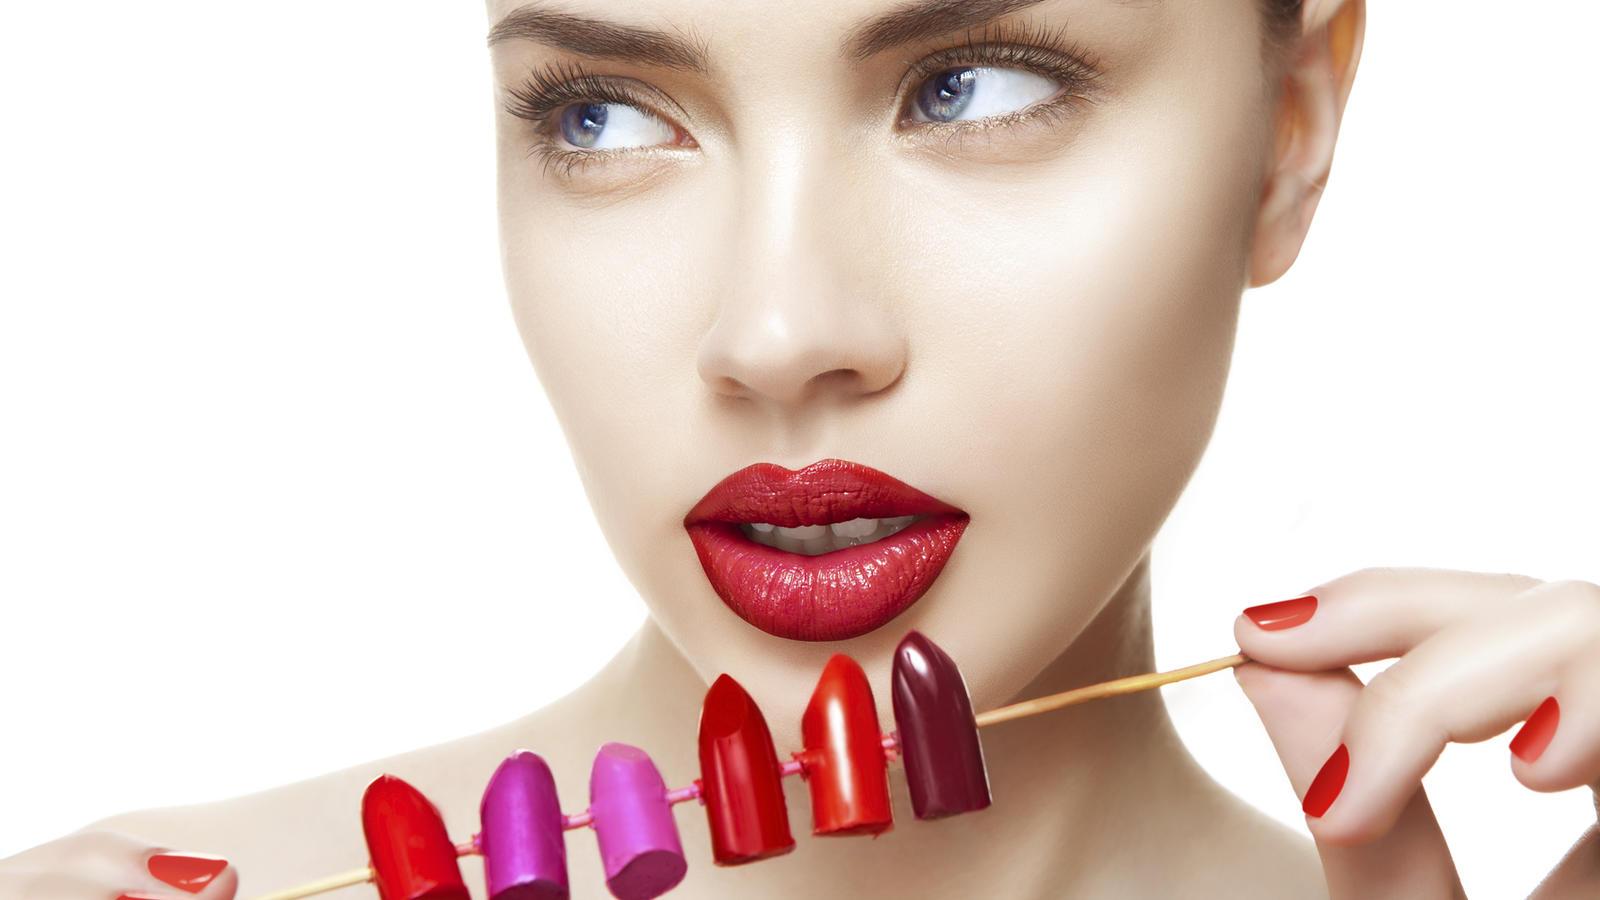 Welcher Lippenstift Passt Zu Mir? Die Richtige Farbe Für